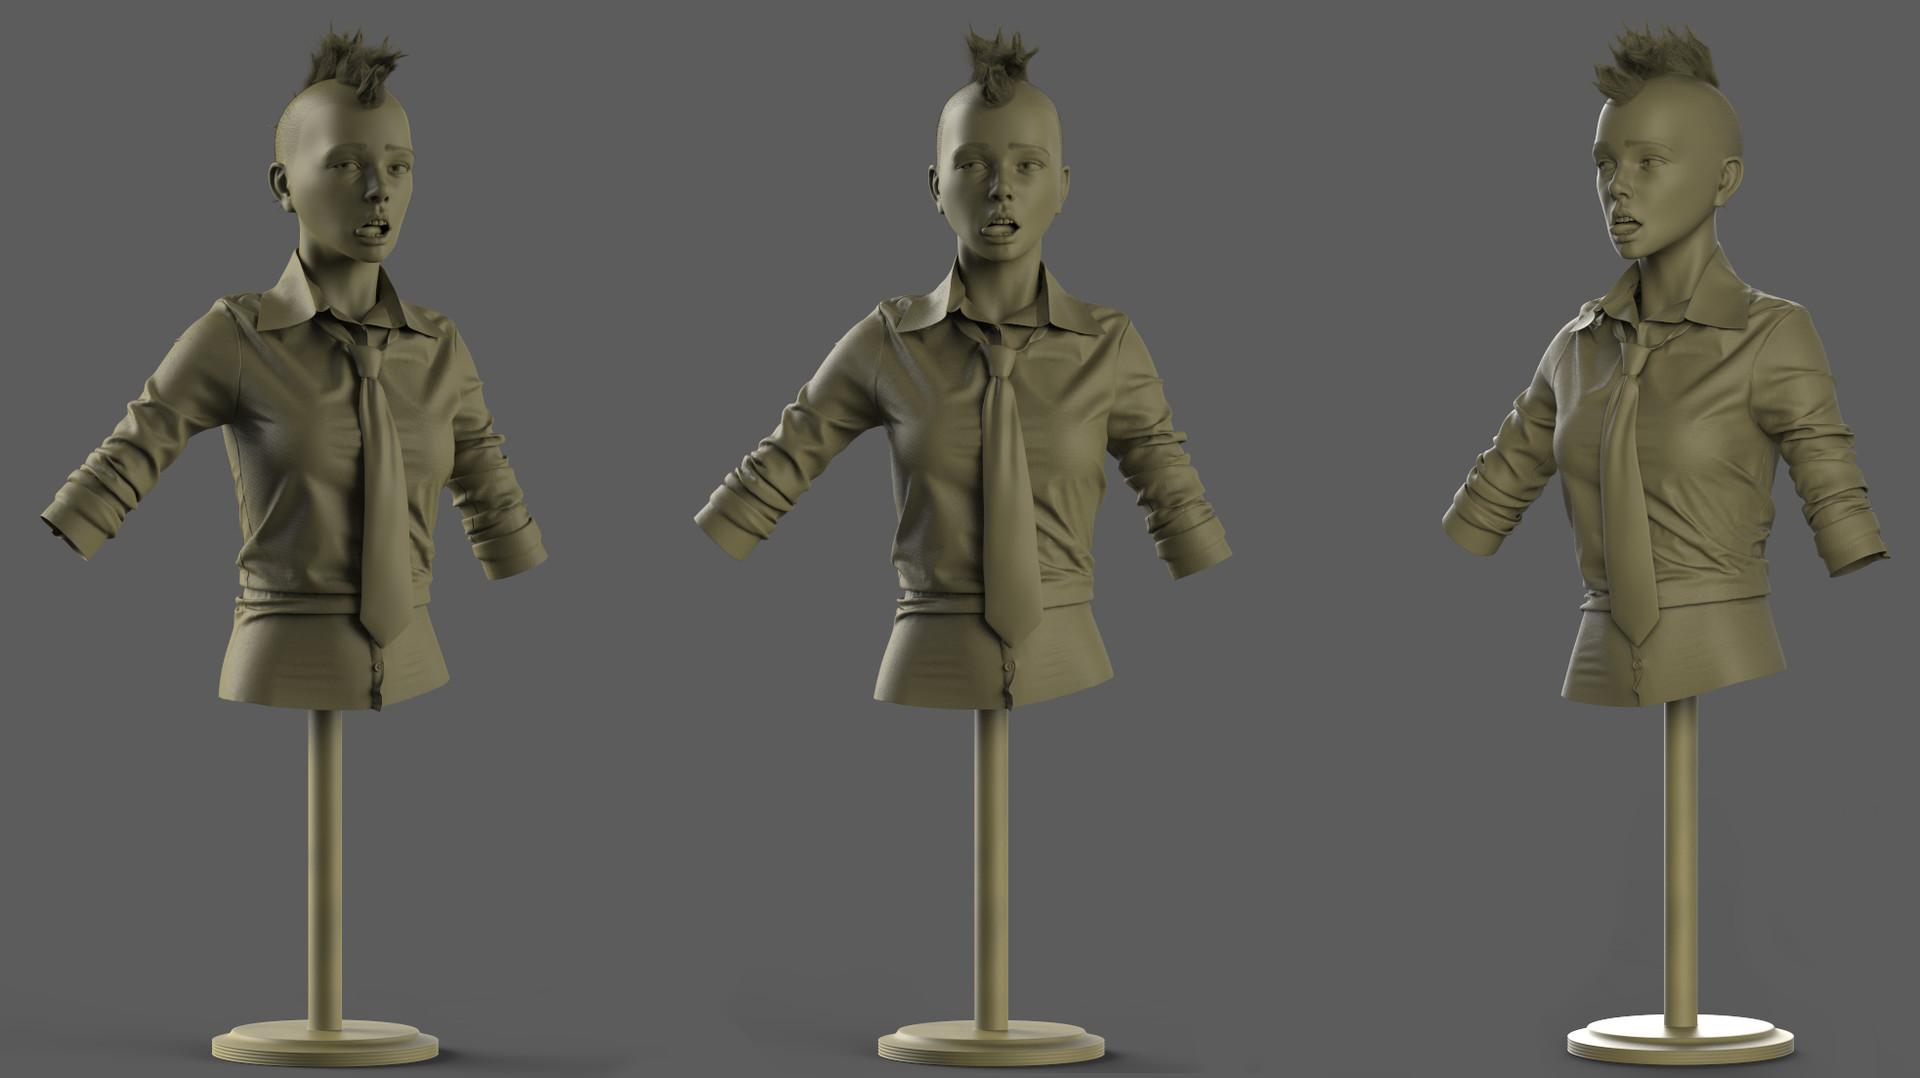 Dawid cencora yaburi model